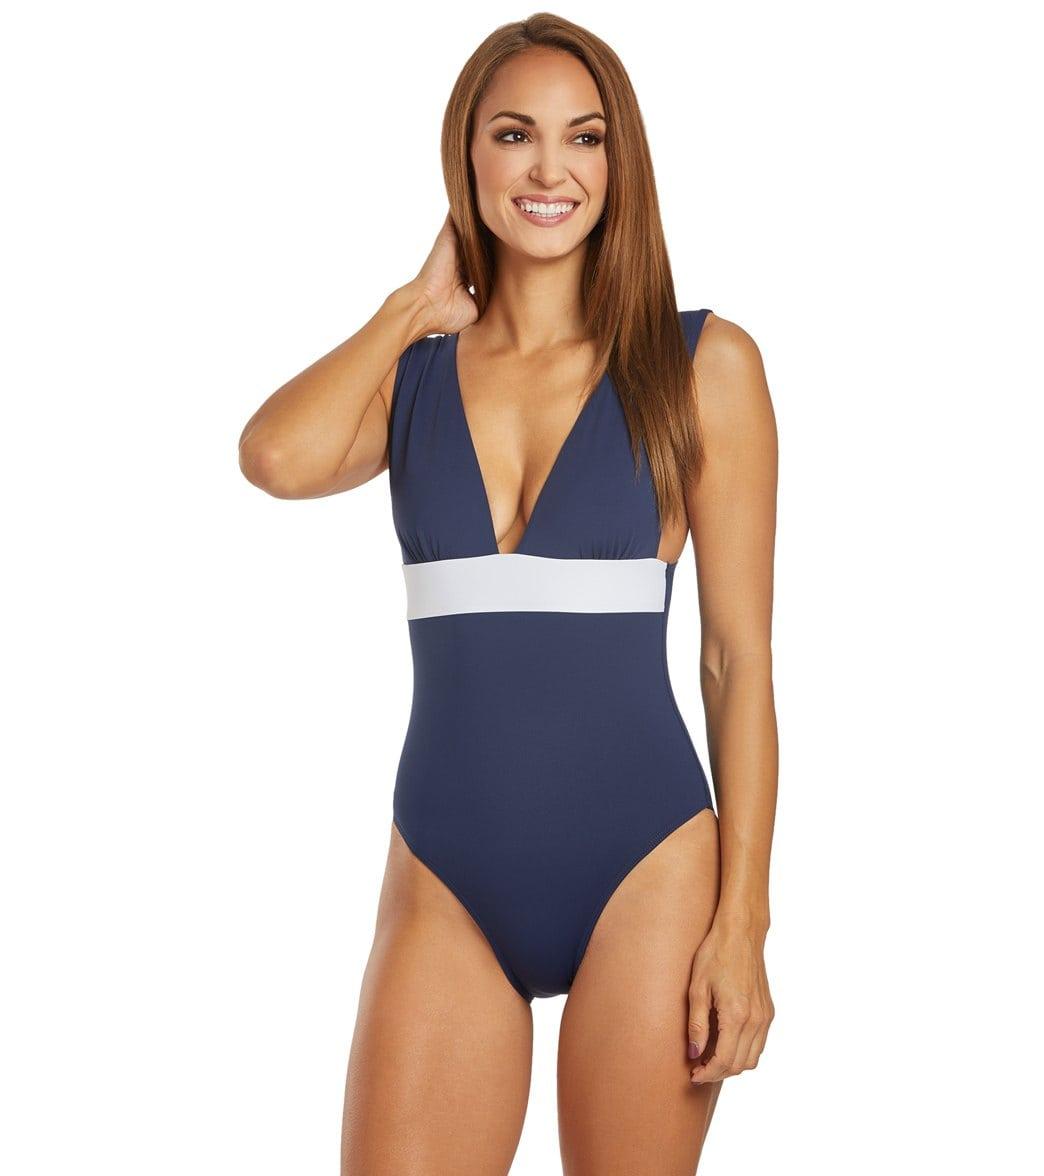 Azura Nautica Wide Strap One Piece Swimsuit